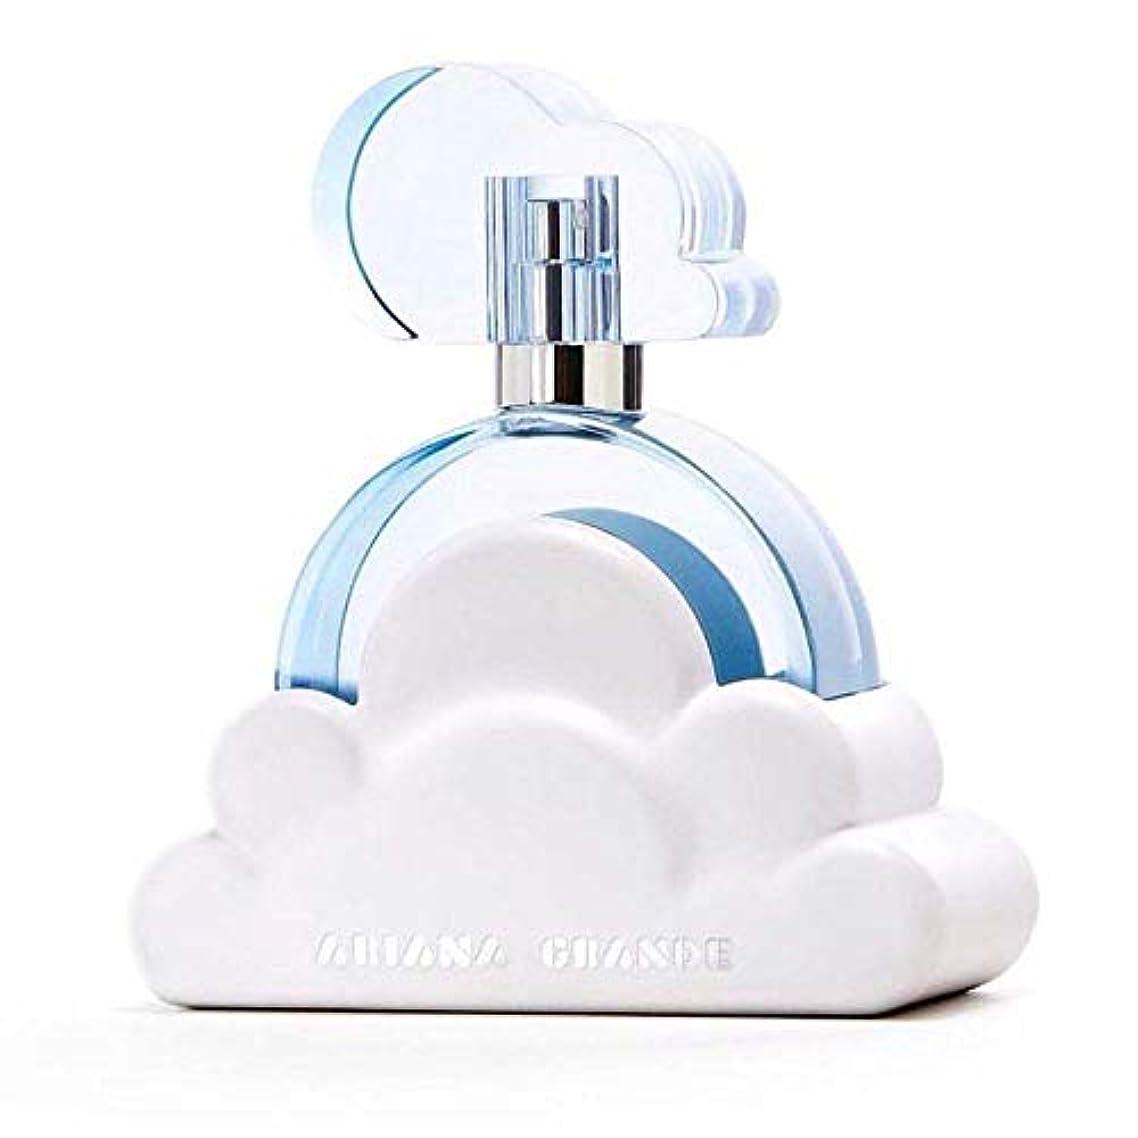 慈善ダウンタウンシーフードアリアナグランデ オードパルファム ArianaGrande EauDeParfum (4.クラウド 30ml/Cloud30ml) [並行輸入品]